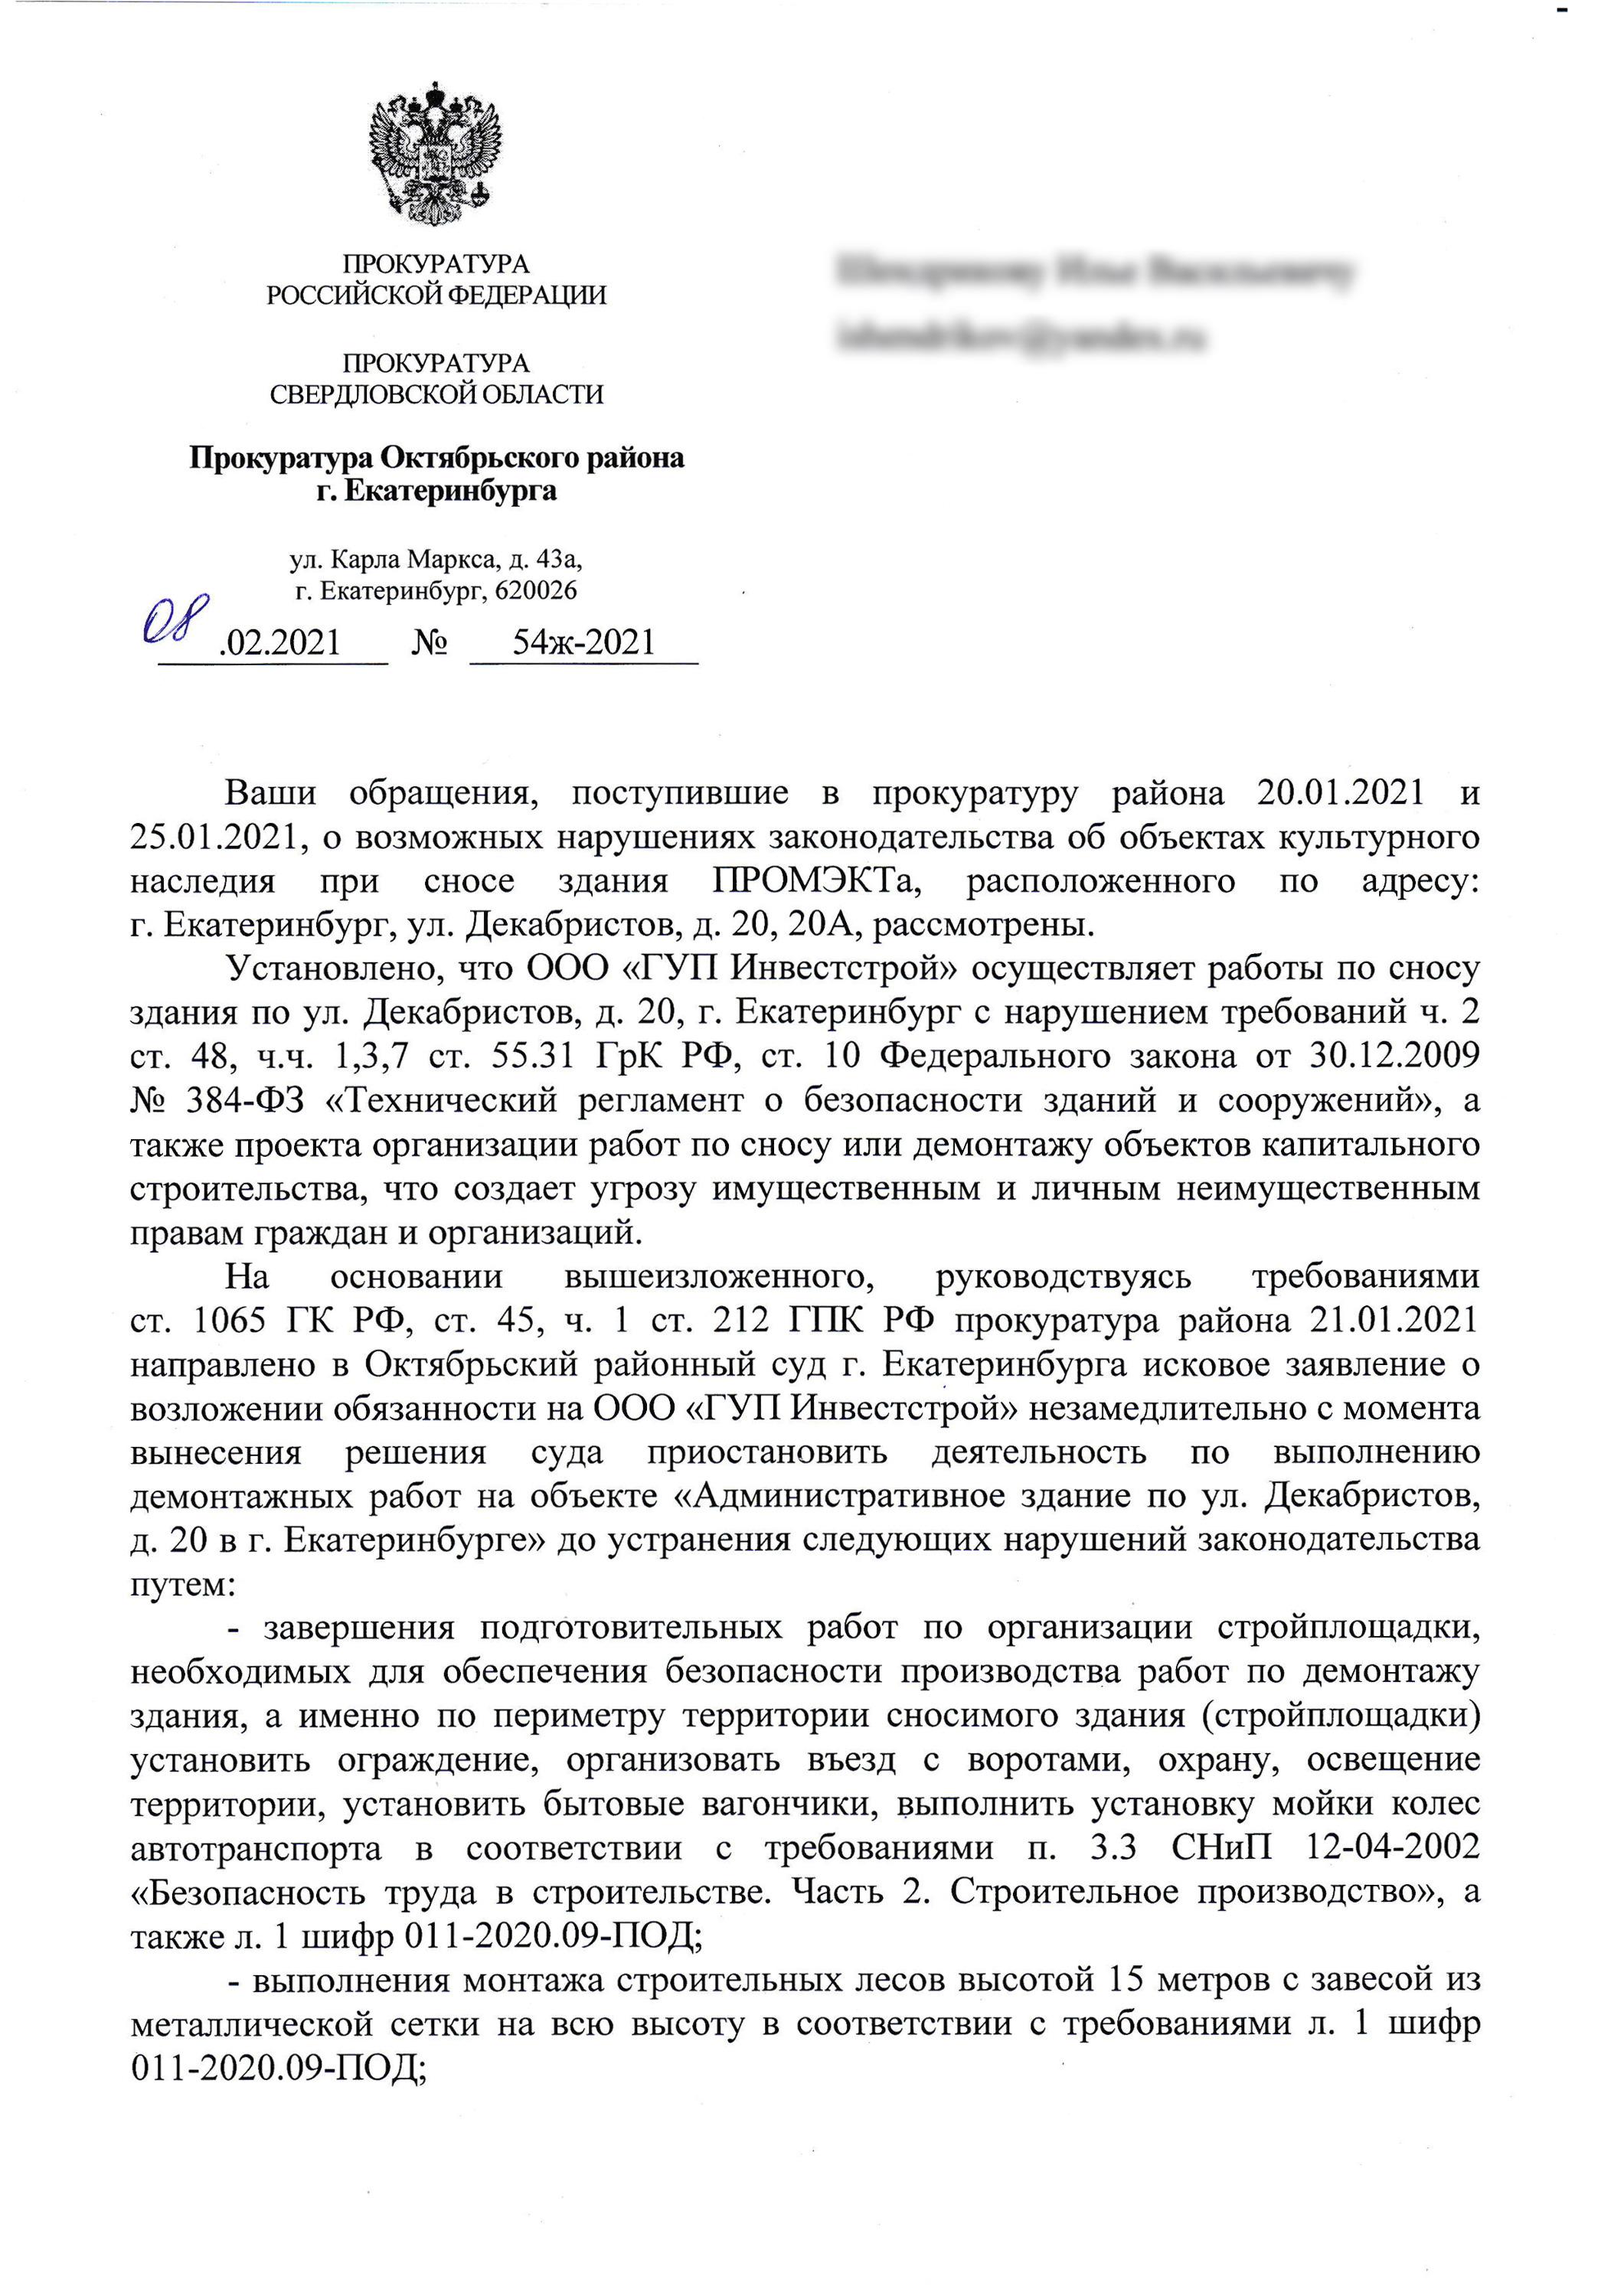 Официальный ответ прокуратуры Свердловской области о нарушениях, допущенных во время сноса здания ПРОМЭКТа